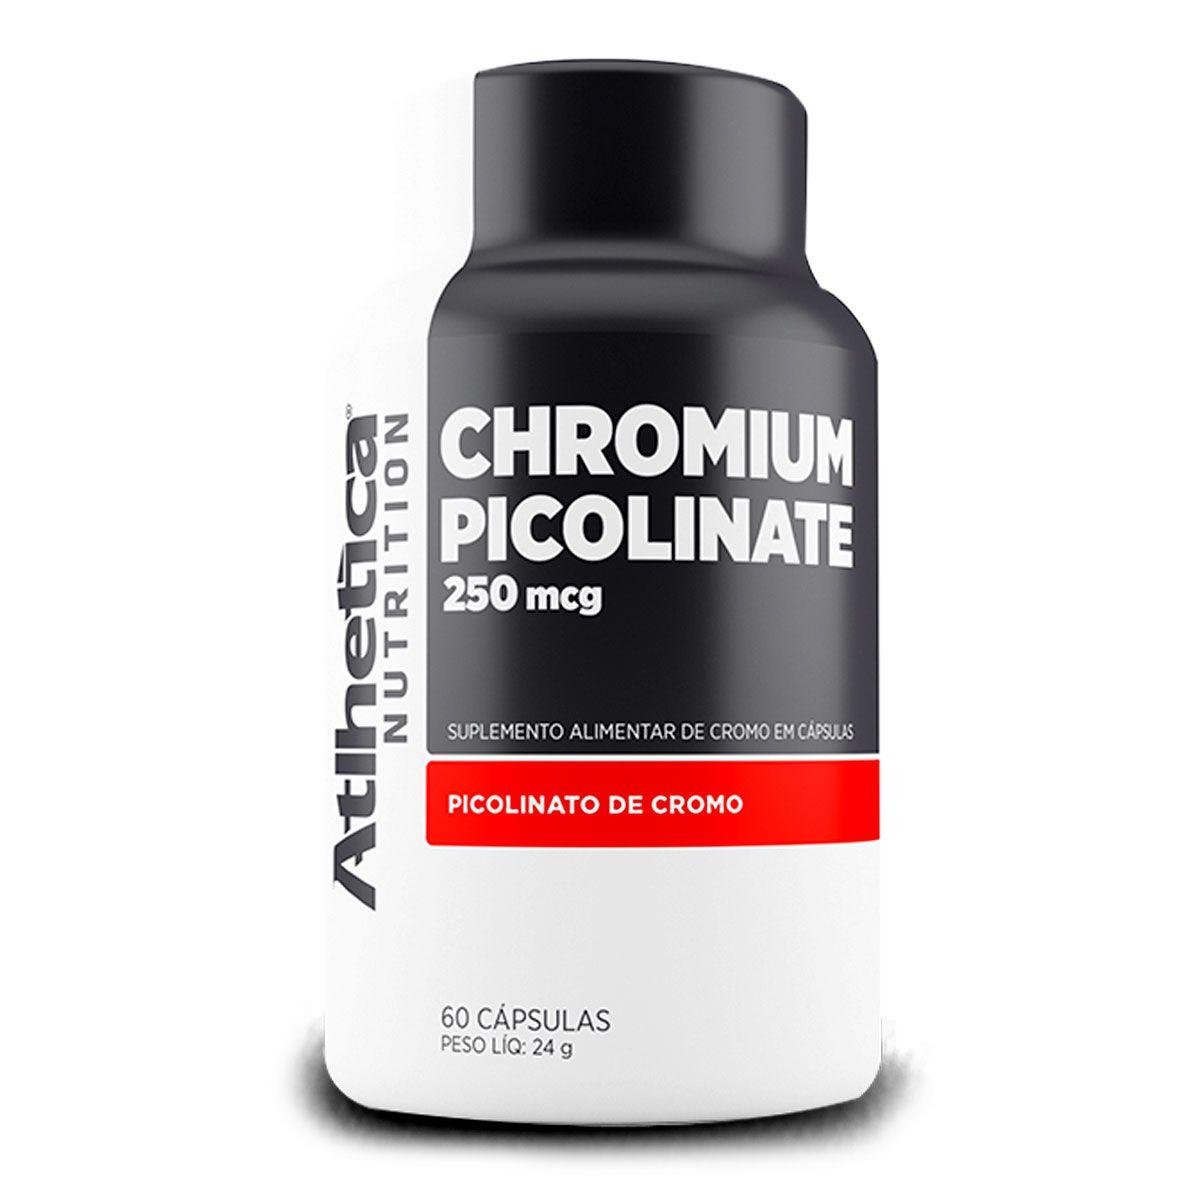 Picolinato de Cromo 250mcg -  60 Capsulas